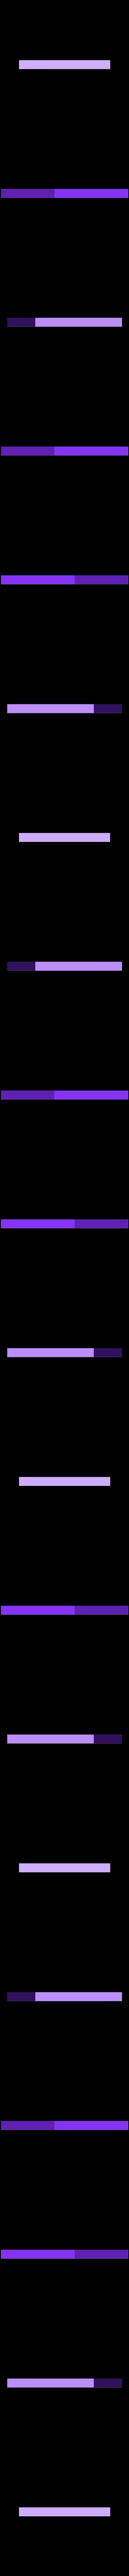 M4_test_plate.STL Télécharger fichier STL gratuit Test CAPTIVE NUTS • Design imprimable en 3D, daGHIZmo